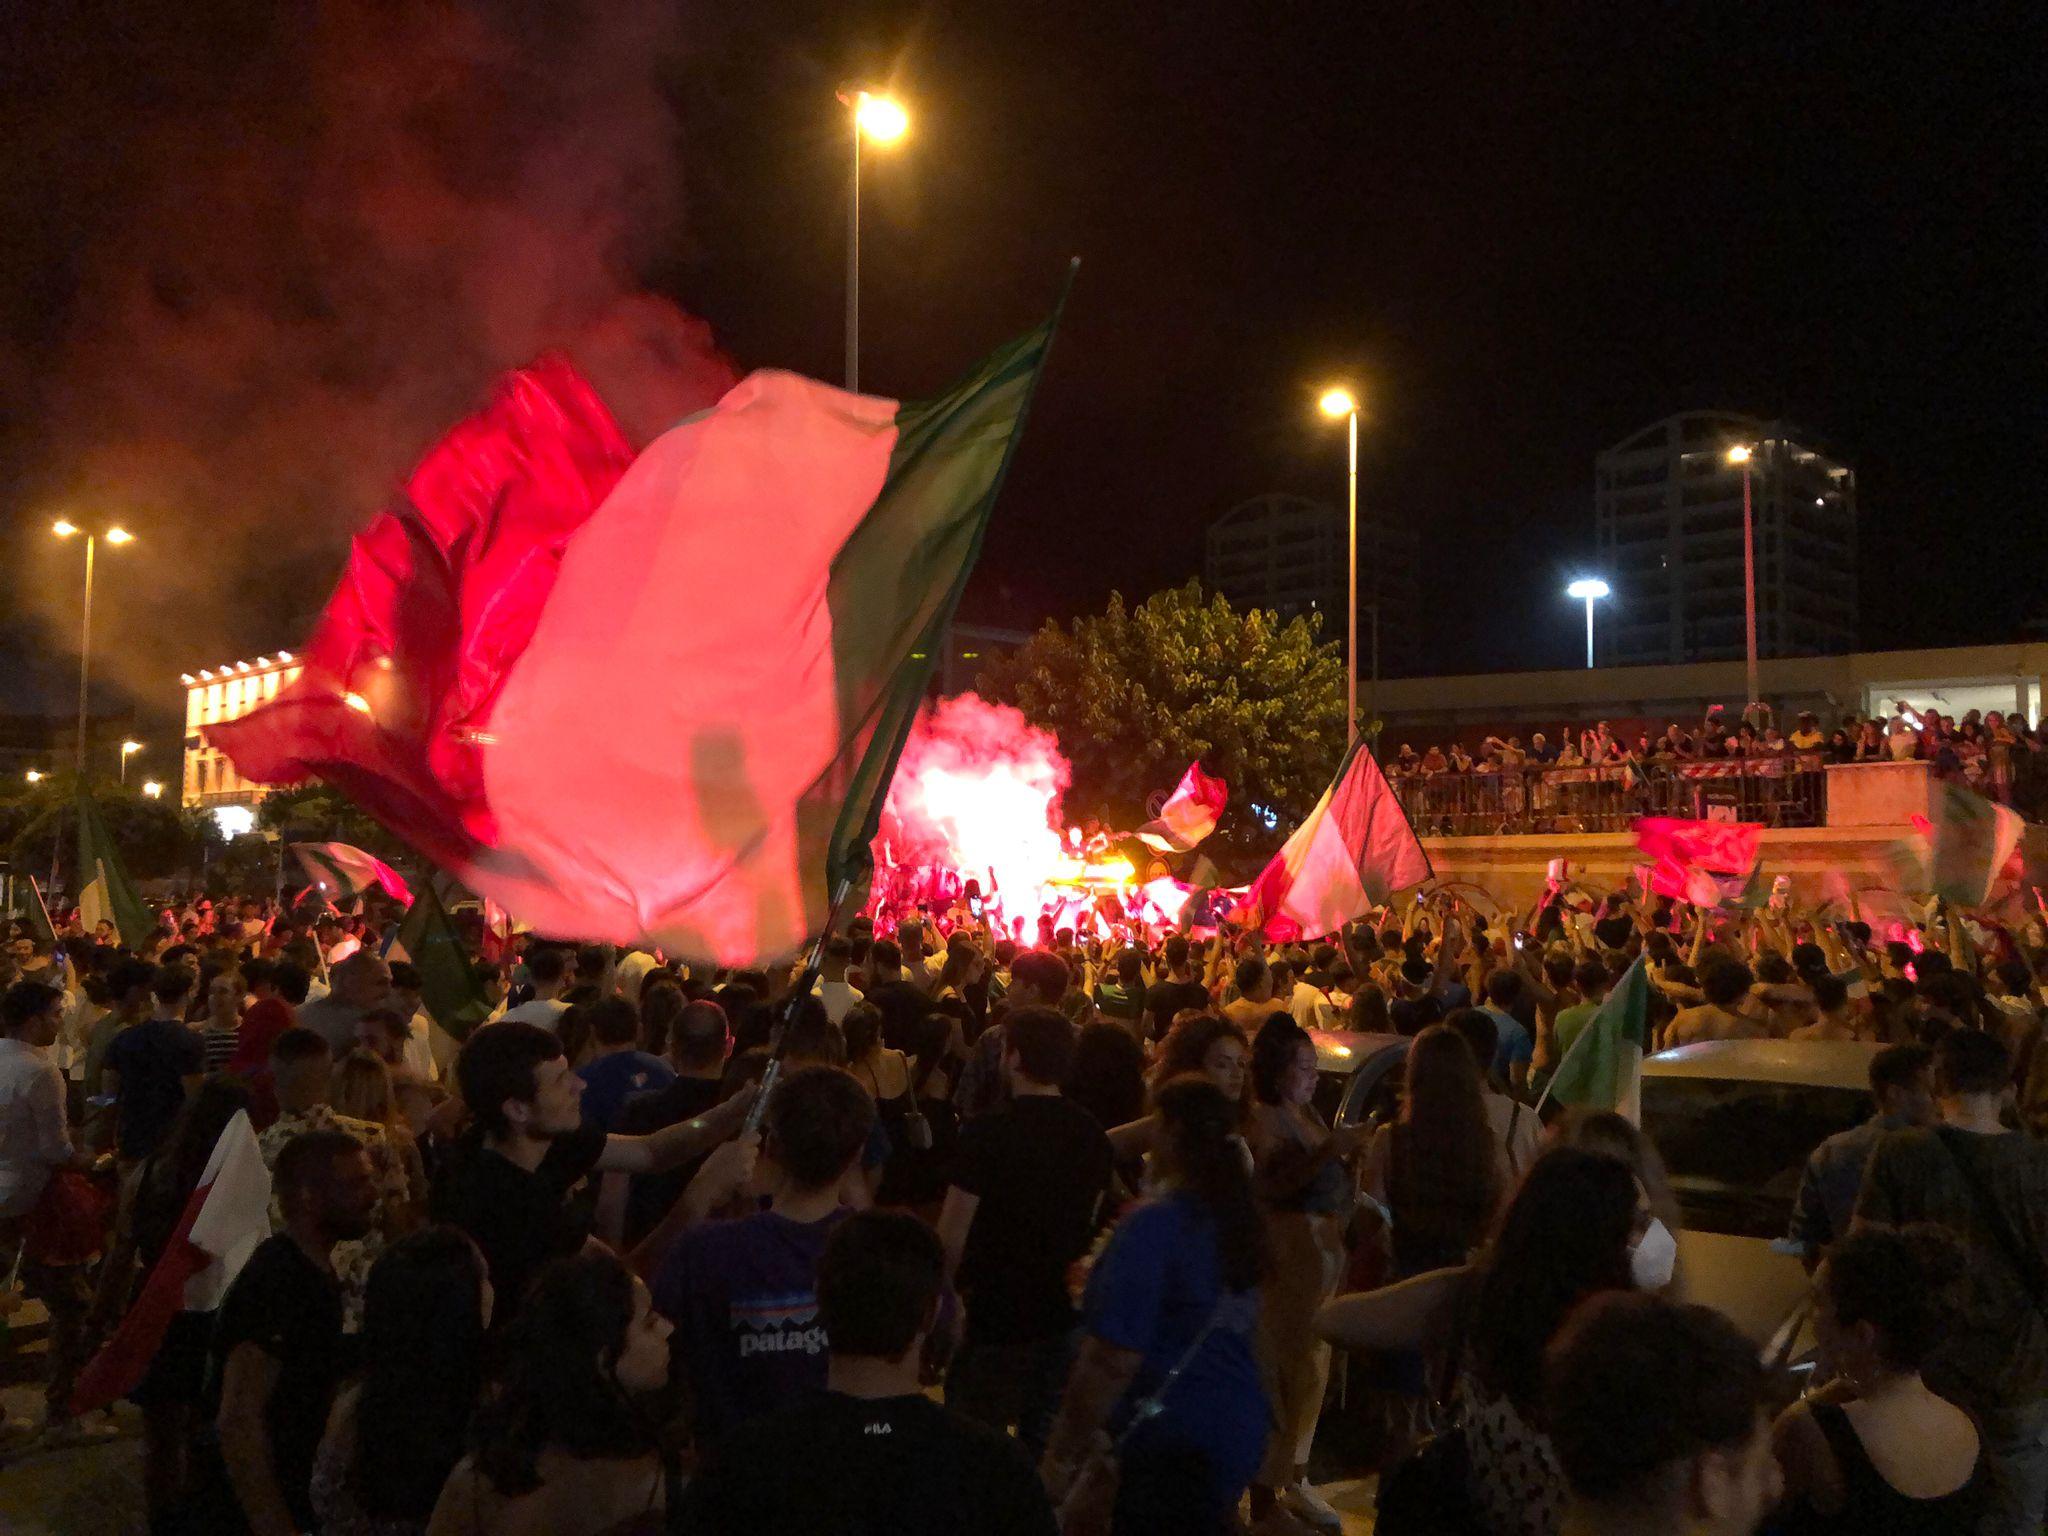 Europei, Civitavecchia scende in piazza per festeggiare la vittoria dell'Italia